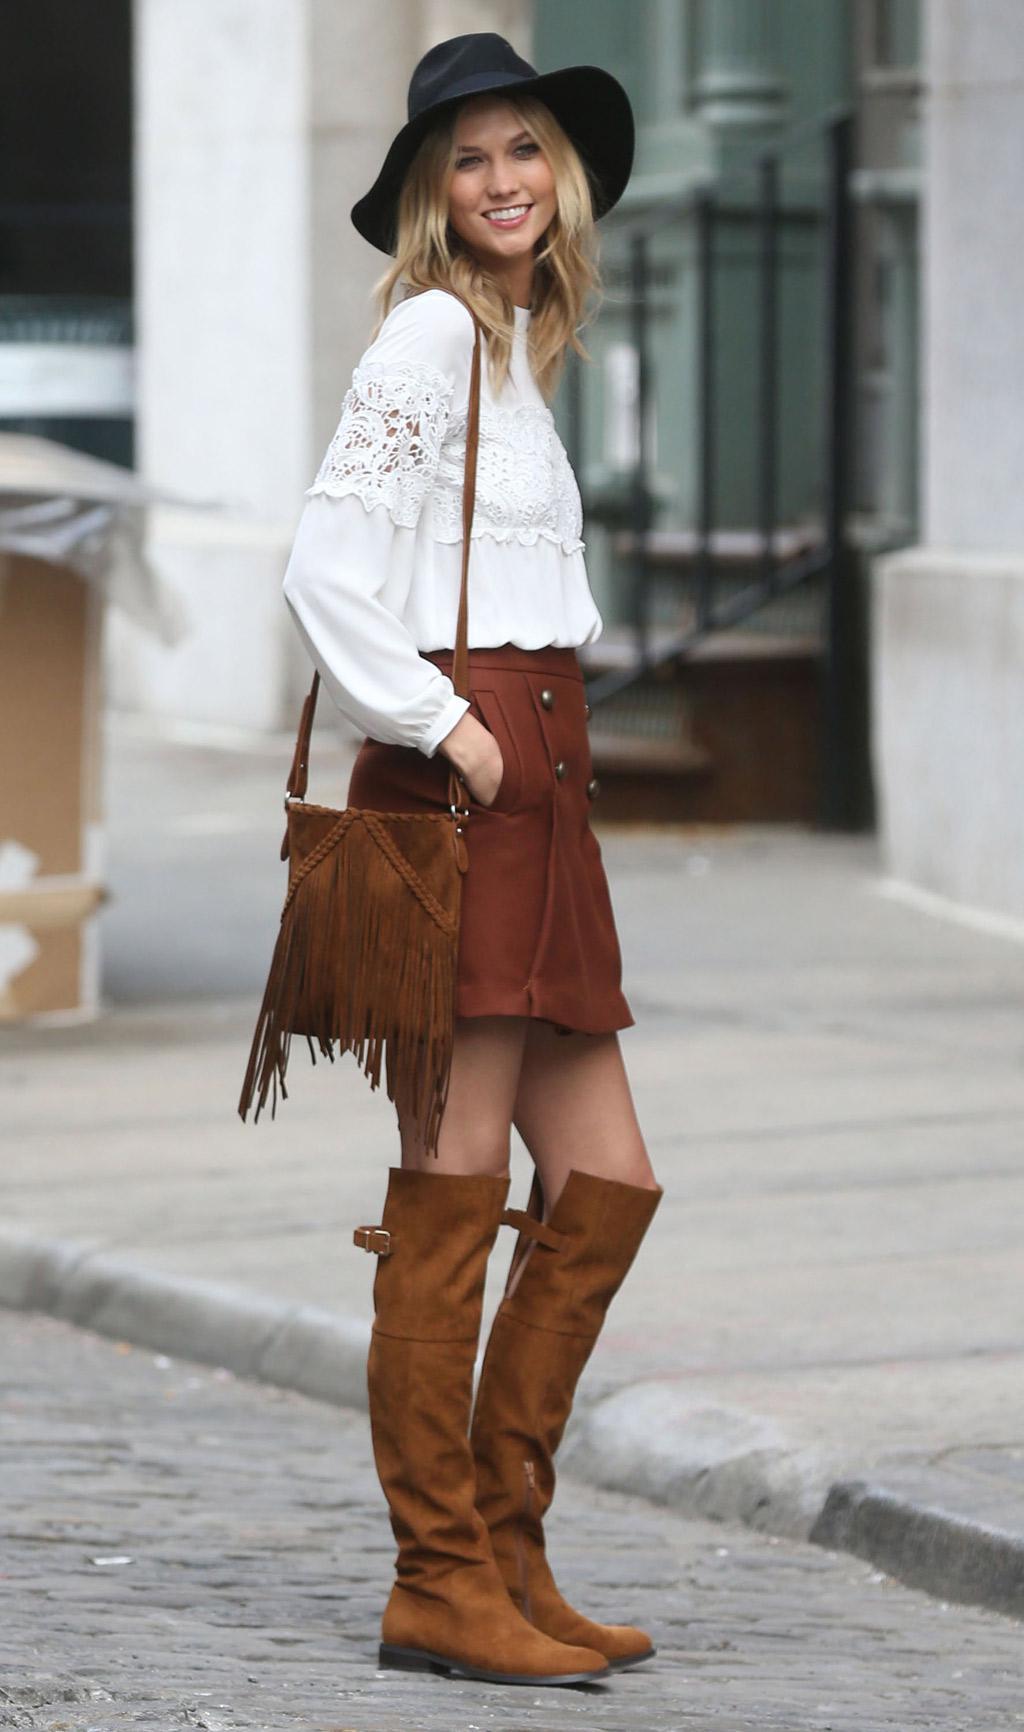 image34-7   Модные сапоги и как создать стильные образы с ними